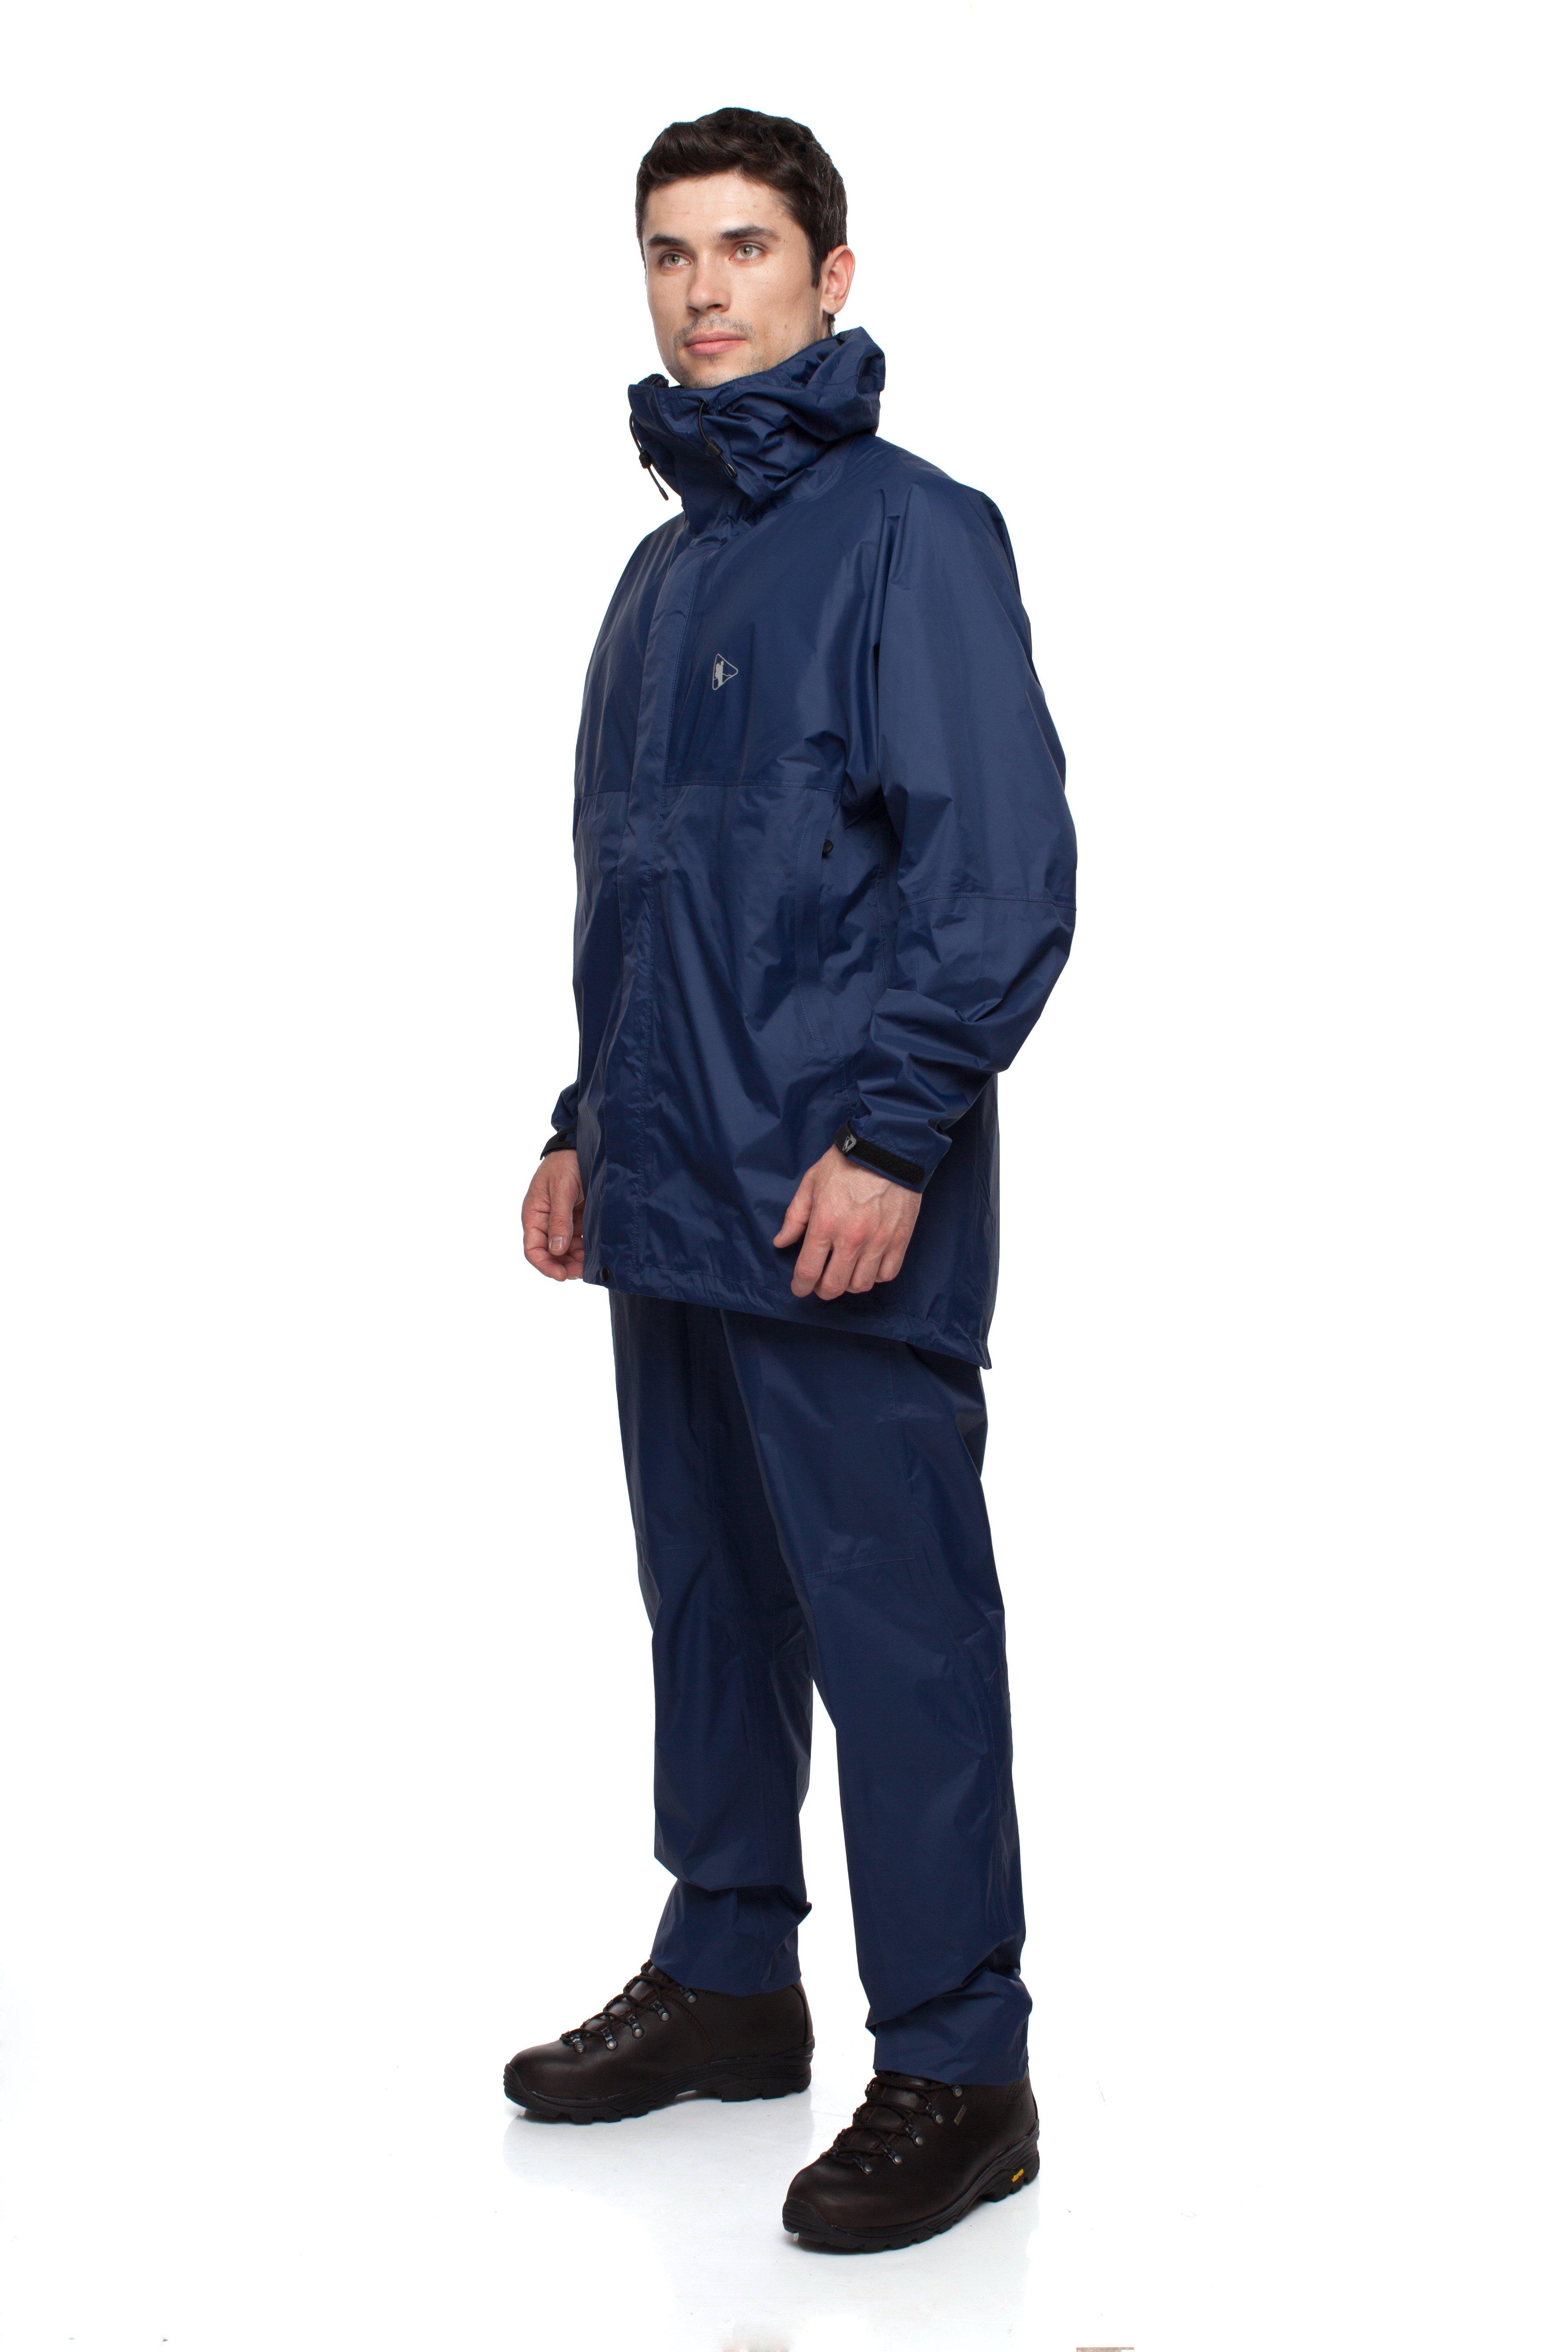 Куртка BASK UNISTORM JKT 3578Многофункциональная легкая компактная куртка из мембранной&amp;nbsp;ткани Advance® 2.5L<br><br>Верхняя ткань: Advance® 2.5L<br>Вес граммы: 420<br>Ветро-влагозащитные свойства верхней ткани: Нет<br>Ветрозащитная планка: Да<br>Ветрозащитная юбка: Нет<br>Влагозащитные молнии: Да<br>Внутренние манжеты: Нет<br>Водонепроницаемость: 10000<br>Дублирующий центральную молнию клапан: Нет<br>Защитный козырёк капюшона: Нет<br>Капюшон: несъемный<br>Карман для средств связи: Нет<br>Количество внешних карманов: 2<br>Количество внутренних карманов: 1<br>Мембрана: Advance® 2.5L<br>Объемный крой локтевой зоны: Да<br>Отстёгивающиеся рукава: Нет<br>Паропроницаемость: 5000<br>Пол: Унисекс<br>Проклейка швов: Да<br>Размеры: XS-XXl<br>Регулировка манжетов рукавов: Да<br>Регулировка низа: Да<br>Регулировка объёма капюшона: Да<br>Регулировка талии: Нет<br>Регулируемые вентиляционные отверстия: Нет<br>Световозвращающая лента: Нет<br>Технология Thermal Welding: Нет<br>Технология швов: проклеены<br>Тип молнии: двухзамковая влагозащитная<br>Ткань усиления: нет<br>Усиление контактных зон: Нет<br>Размер INT: XL<br>Цвет: СИНИЙ